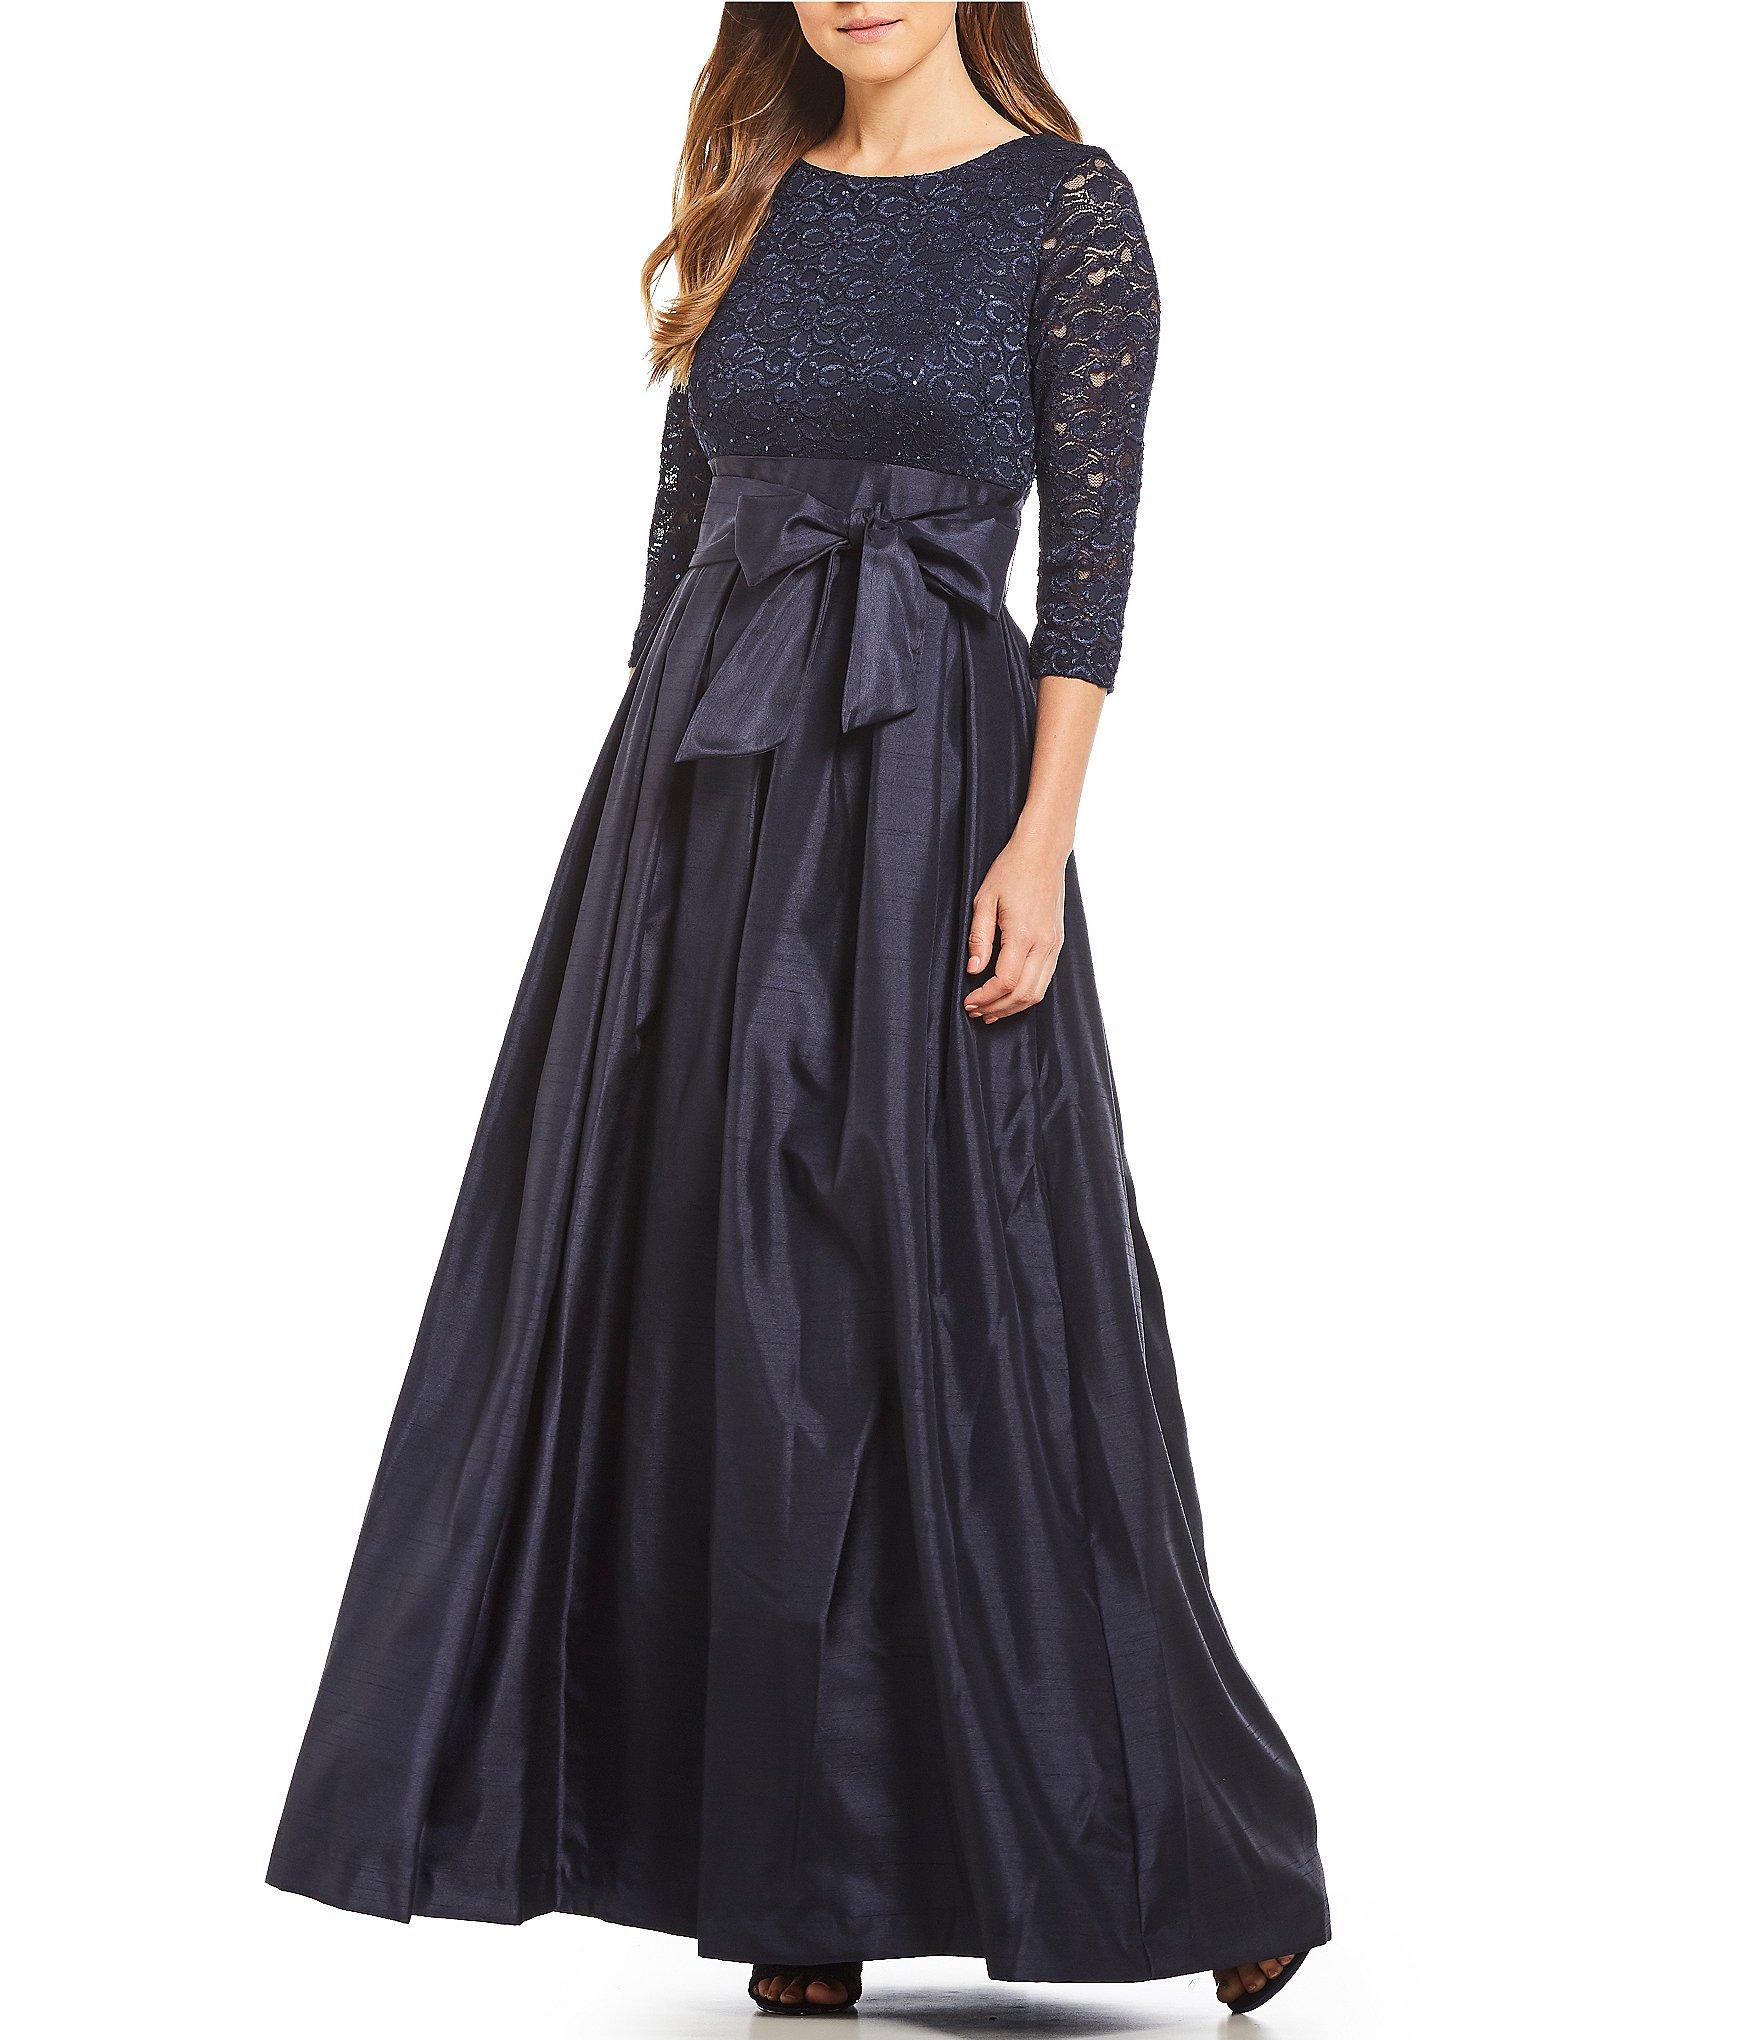 Dillards Mother of Bride Dresses Black